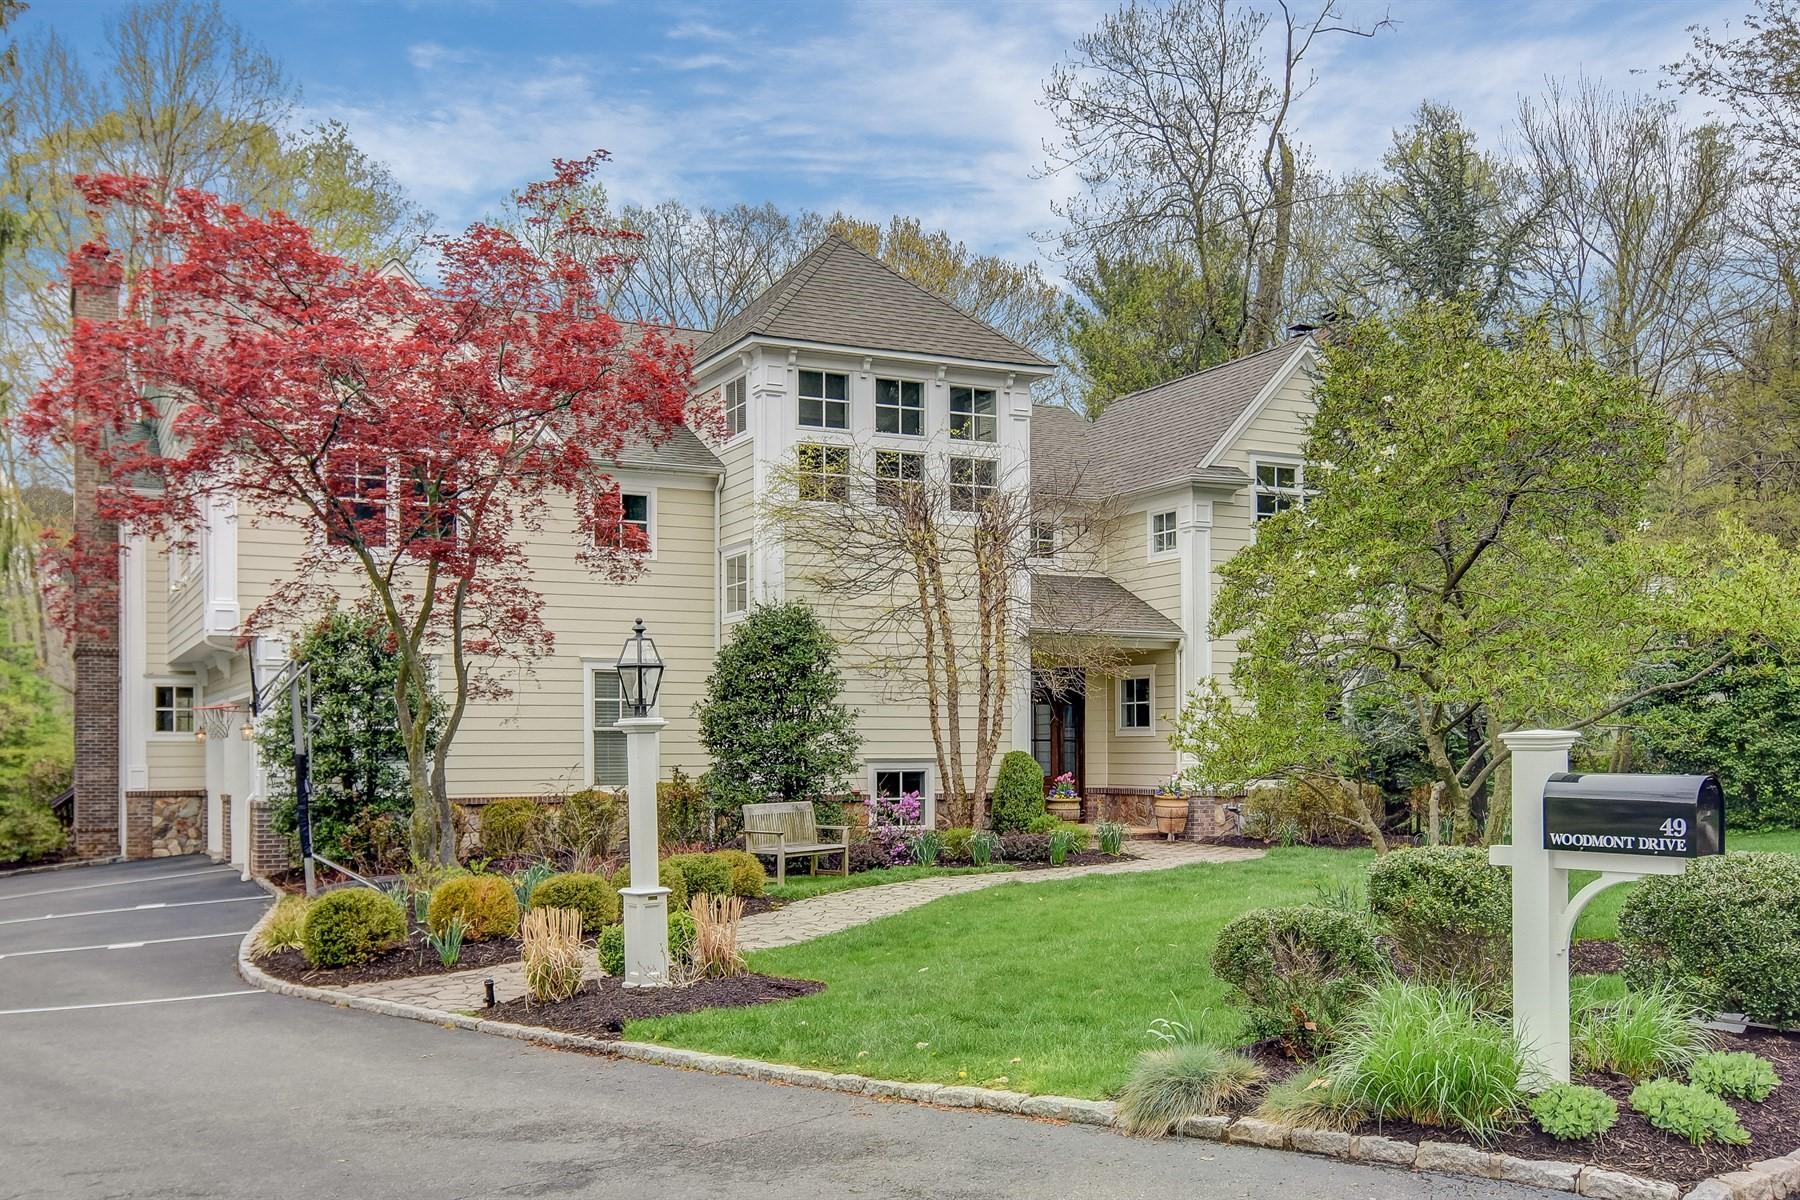 一戸建て のために 売買 アット Spectacular Colonial 49 Woodmont Drive Chatham, ニュージャージー, 07928 アメリカ合衆国